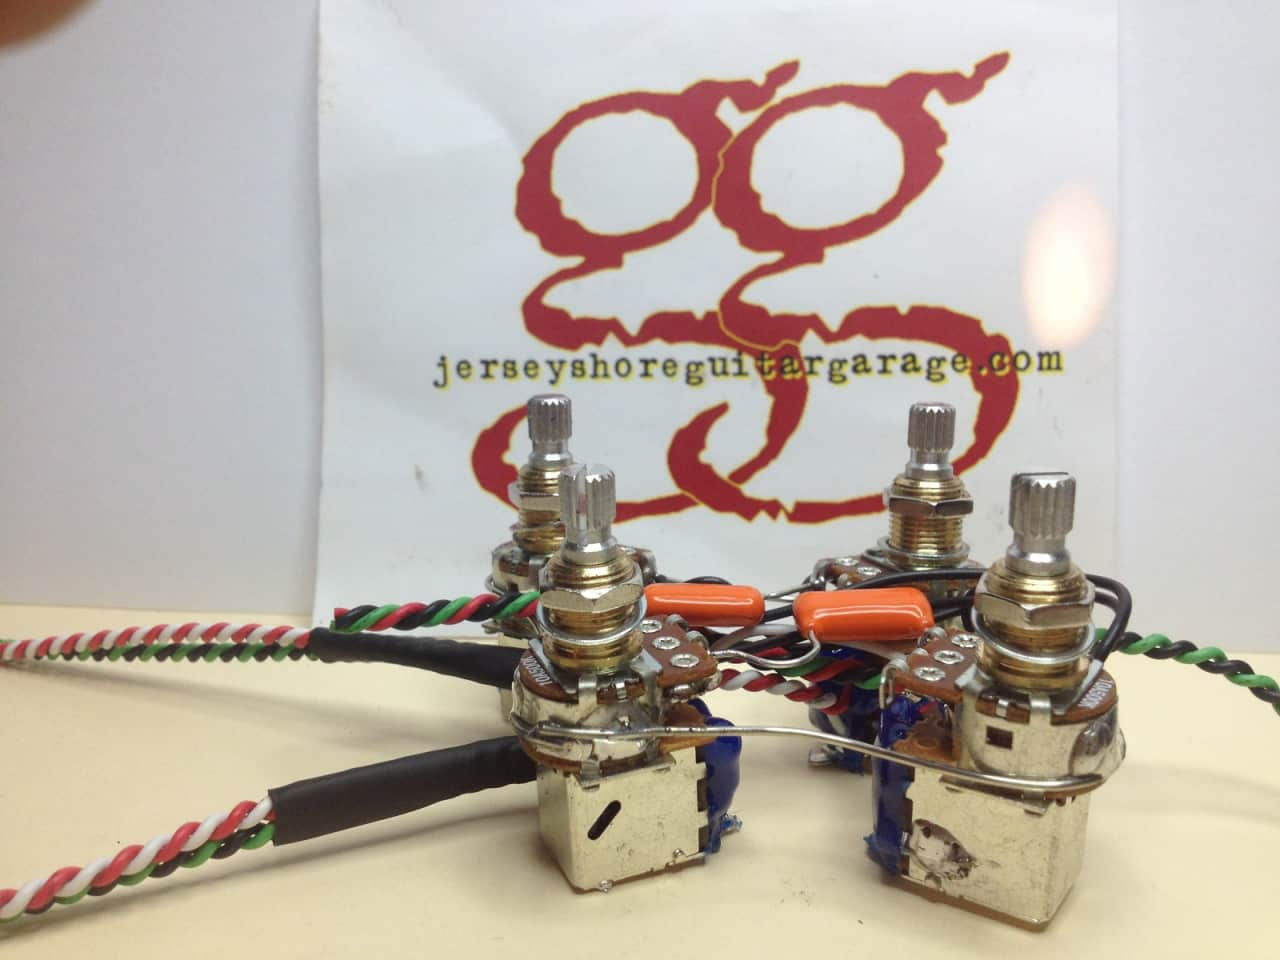 epiphone sg wiring kit epiphone image wiring diagram ultimate sg gibson epiphone sg push pull wiring harness 21 reverb on epiphone sg wiring kit